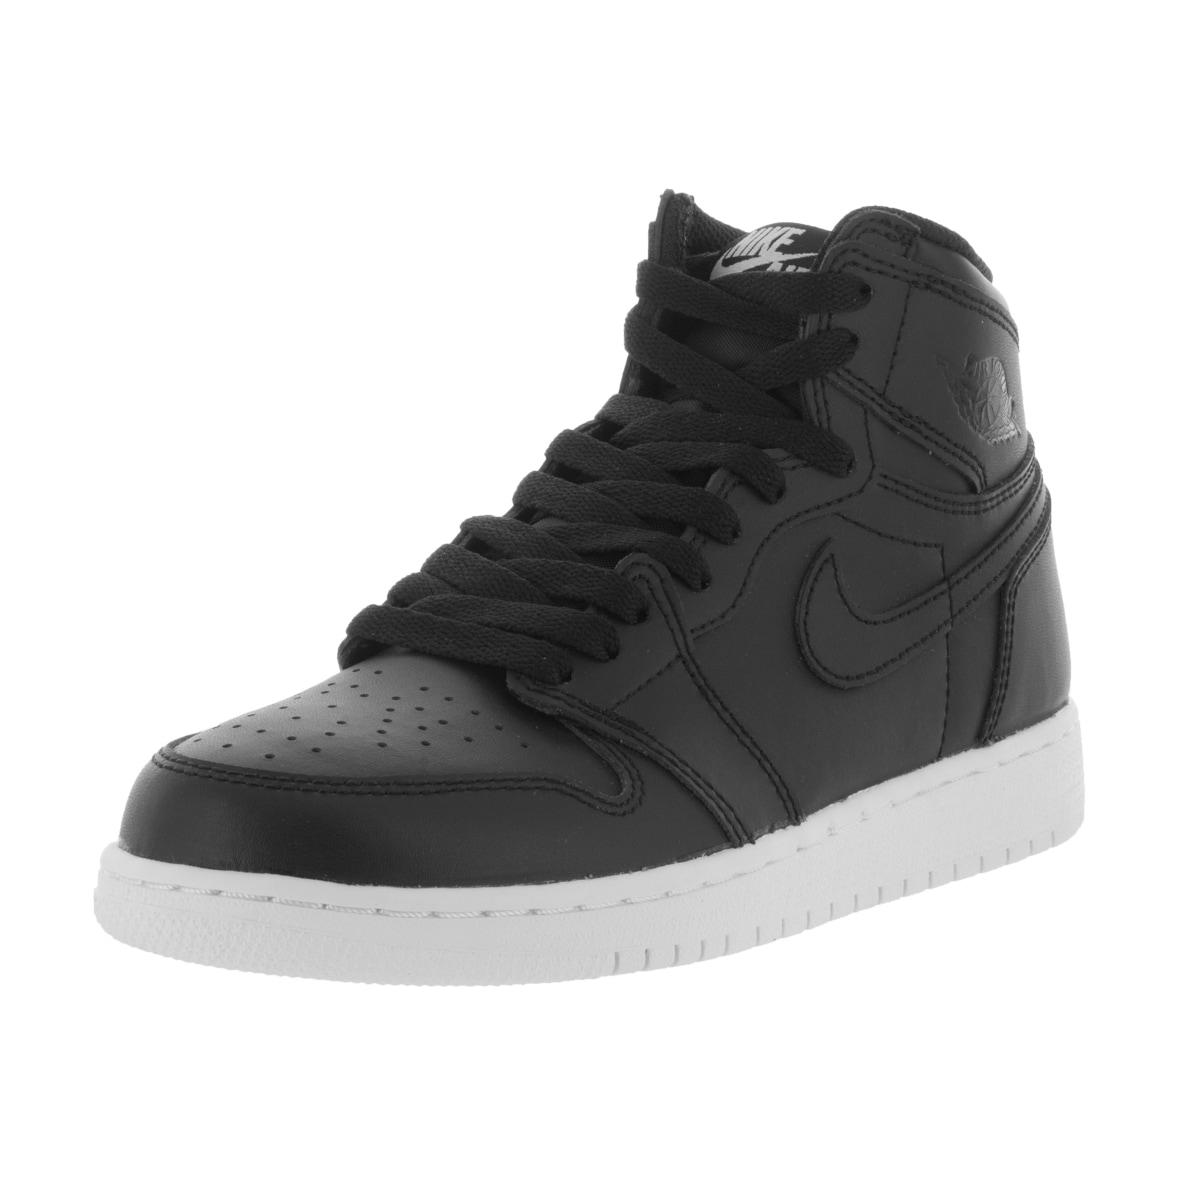 Nike Kid's Air Jordan 1 Retro High Og Bg Black/Black/White Basketball Shoe (6), Boy's (leather)